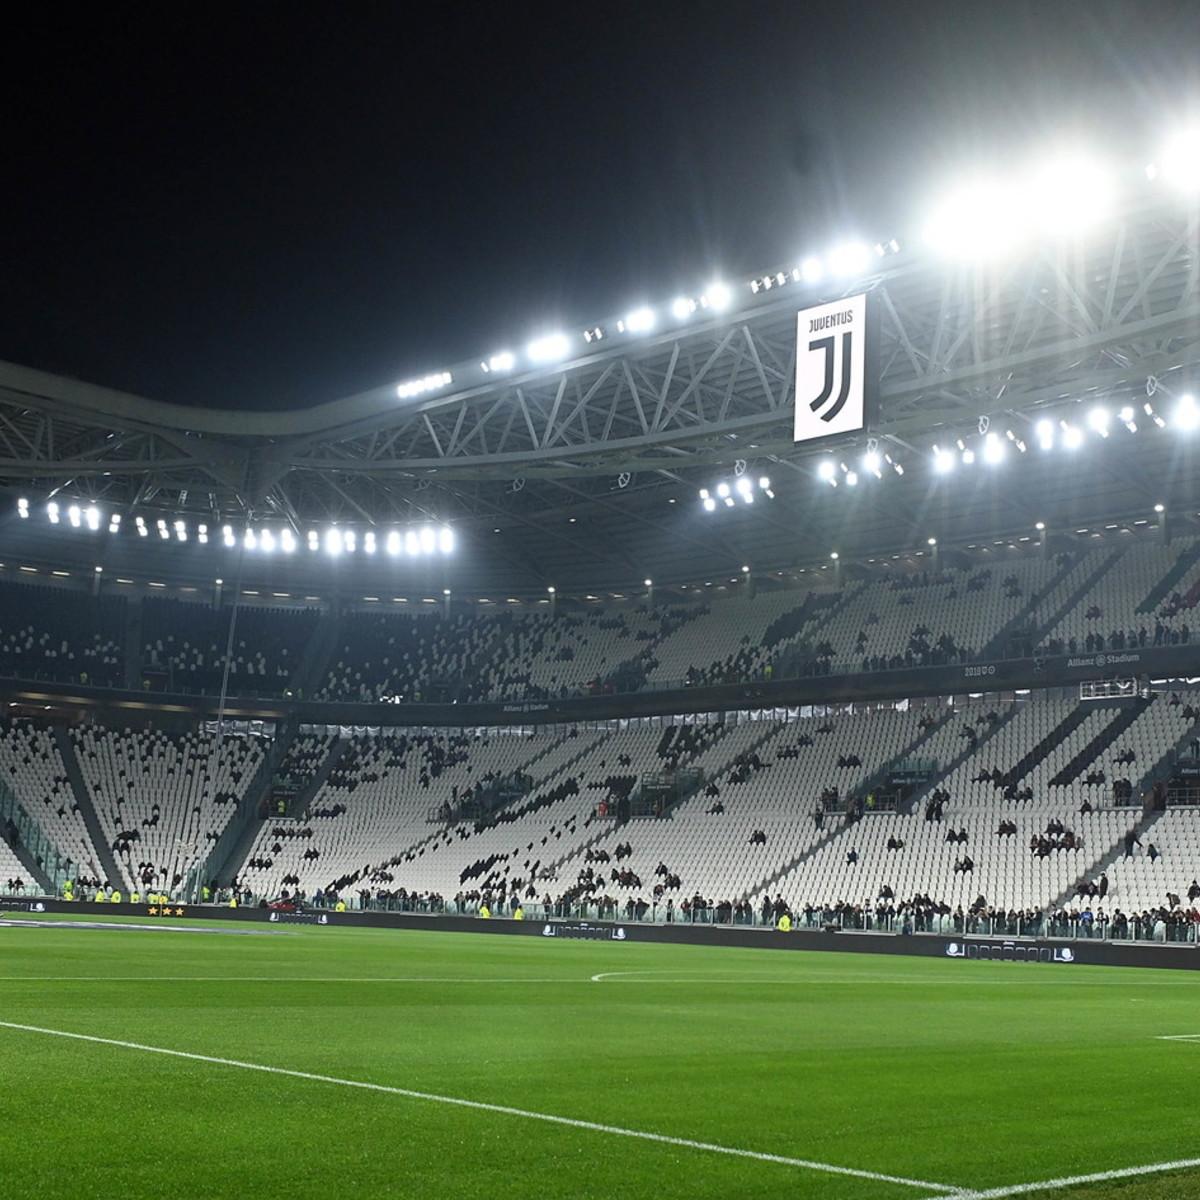 Lega Serie A: niente intesa sui recuperi, mercoledì assemblea straordinaria